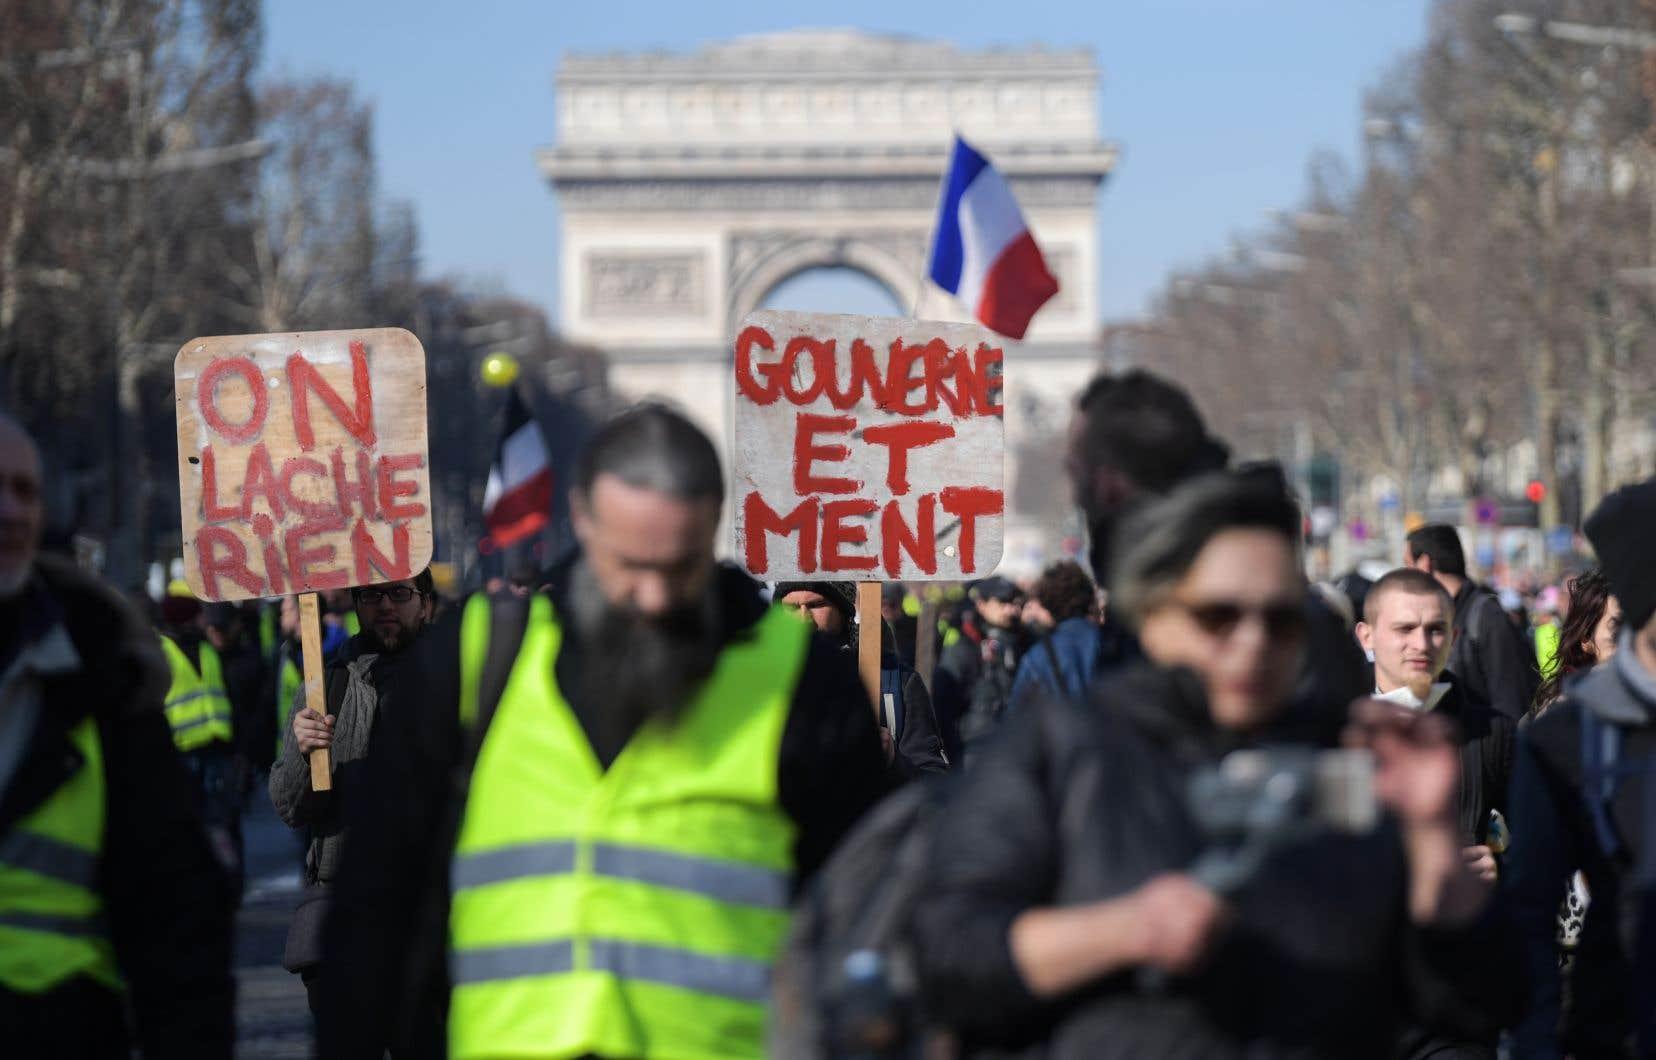 Le ministère de l'Intérieur a dénombré 41500 manifestants en France dont 5000 à Paris, des chiffres en recul par rapport à la semaine précédente mais régulièrement contestés par les «gilets jaunes».